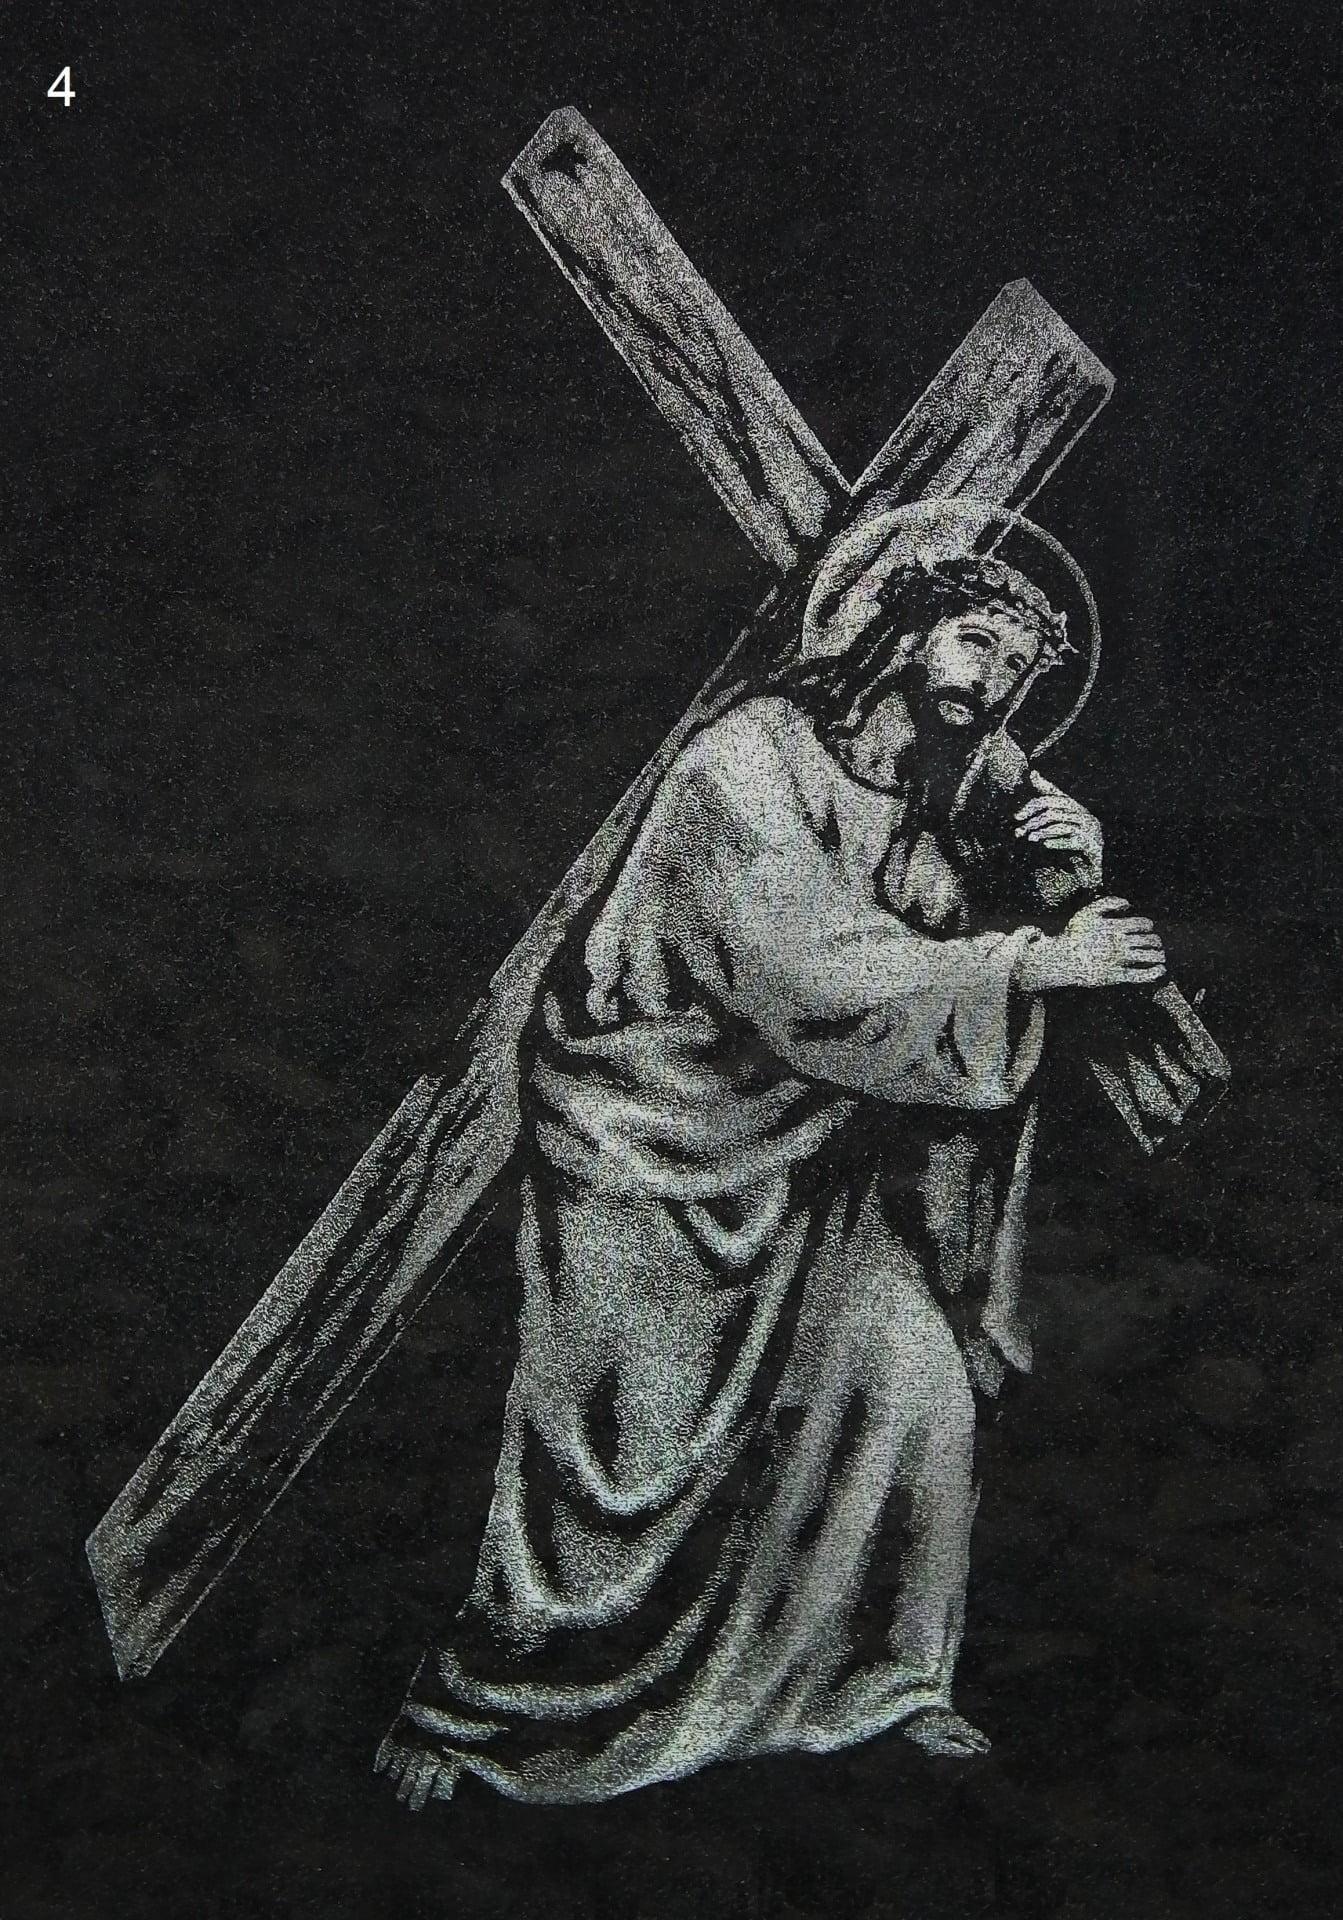 Jezus z krzyżem - Nagrobki Bielsko-Biała